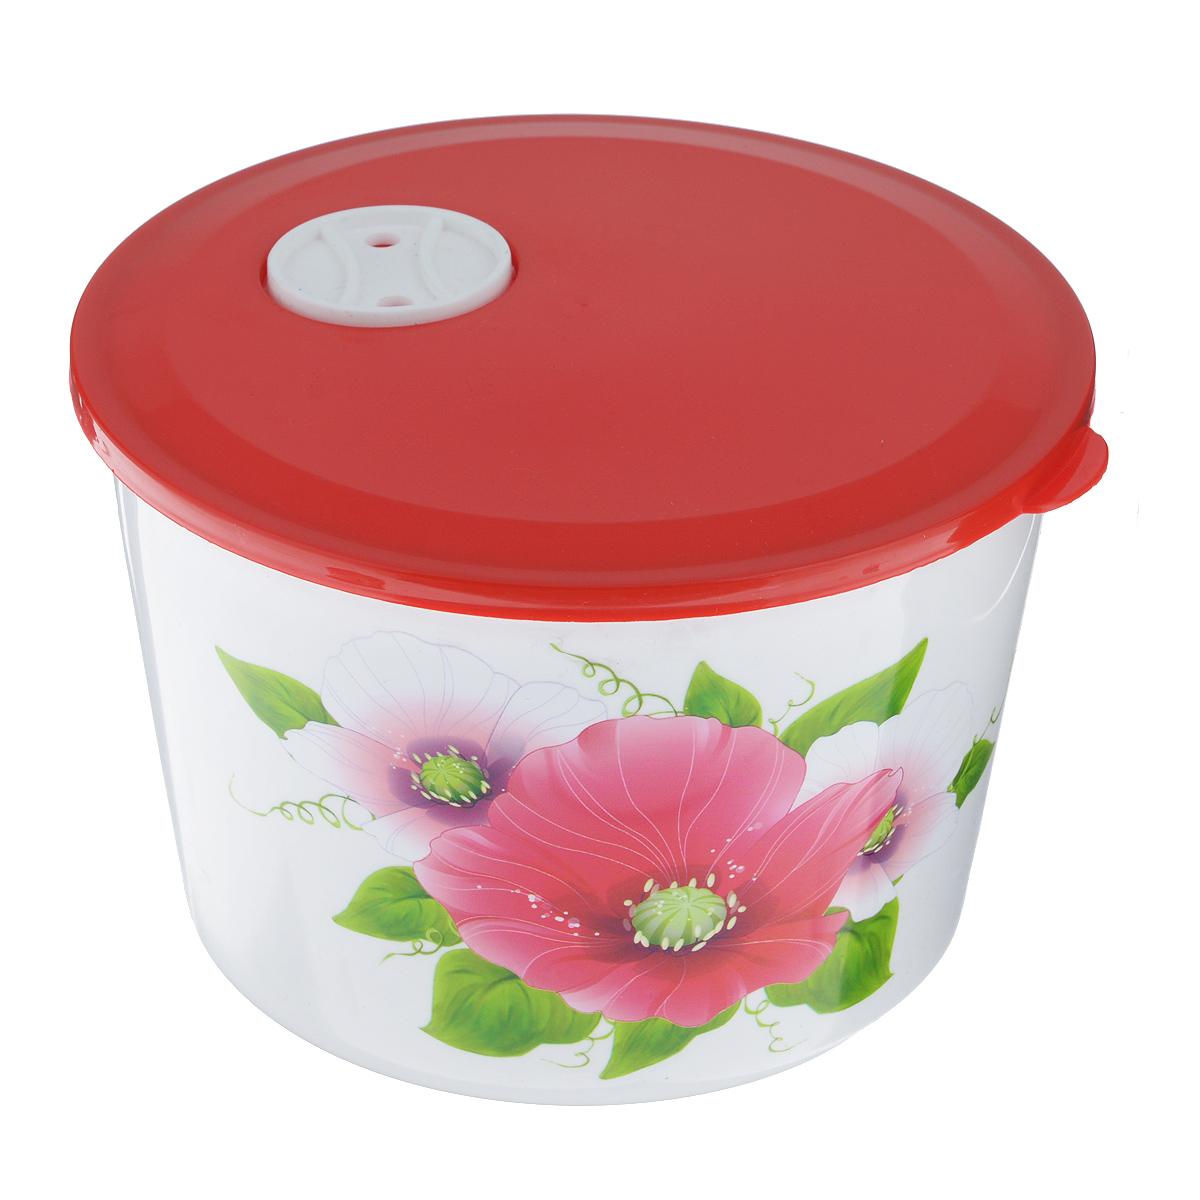 Контейнер Альтернатива Маки, цвет: красный, 1,7 лМ2198Контейнер Альтернатива Маки изготовлен из высококачественного прочного пластика. Украшен изображением цветков мака. Крышка плотно закрывается, дольше сохраняя продукты свежими и вкусными. На крышке имеется специальный клапан, который обеспечивает герметичность. Контейнер идеально подходит для хранения пищи, его удобно брать с собой на работу, учебу, пикник или просто использовать для хранения продуктов в холодильнике.